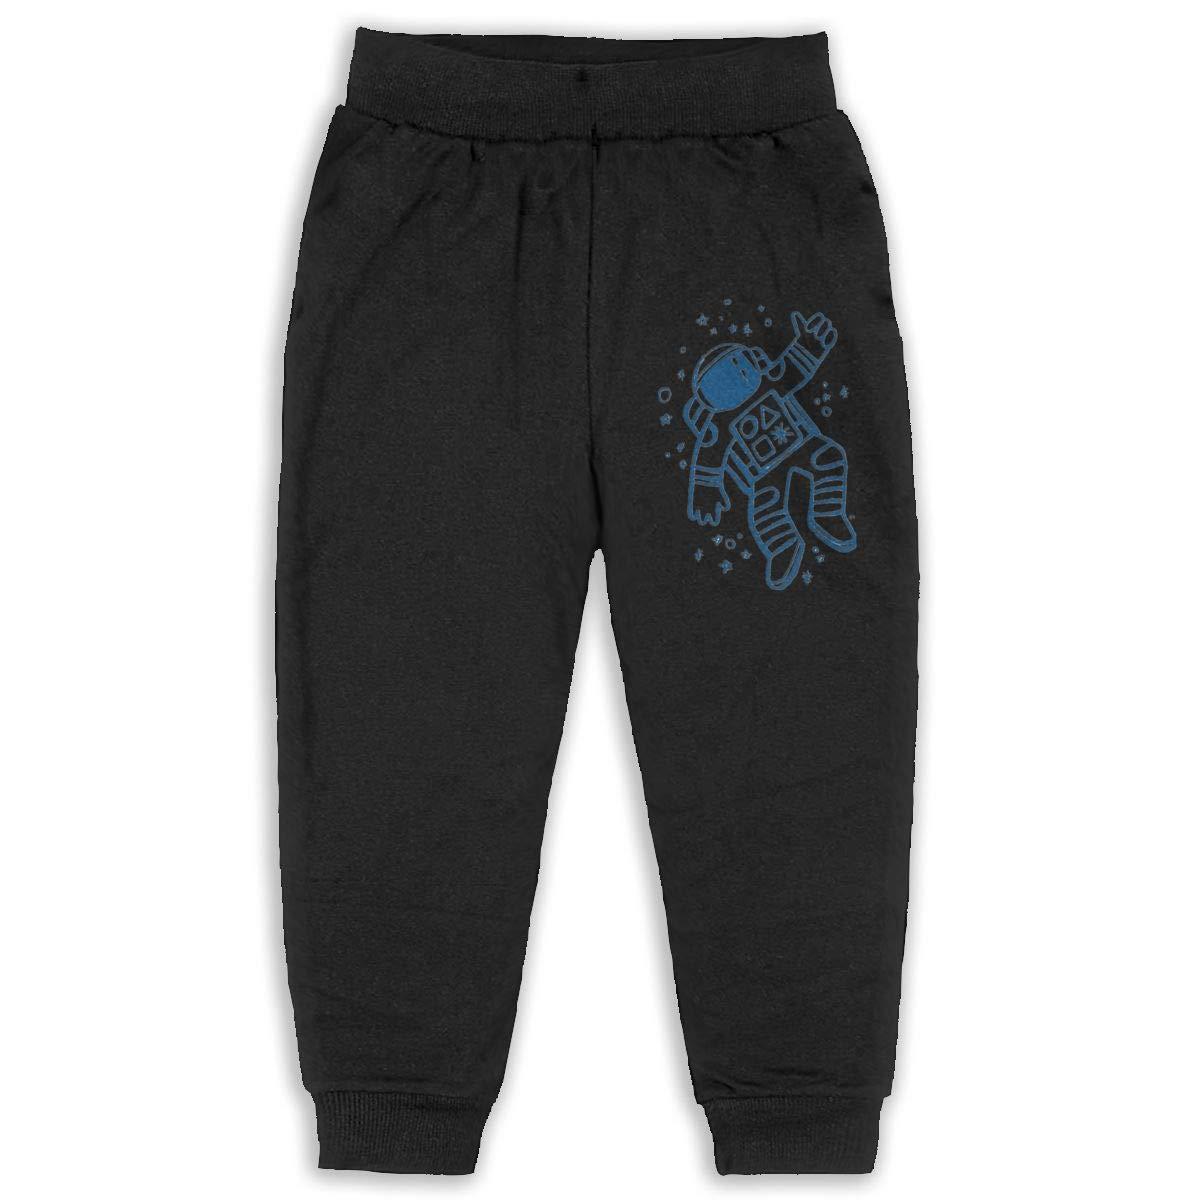 LFCLOSET Astronaut Outer Space Illustration Children Active Jogger Sweatpants Basic Elastic Sport Pants Gray